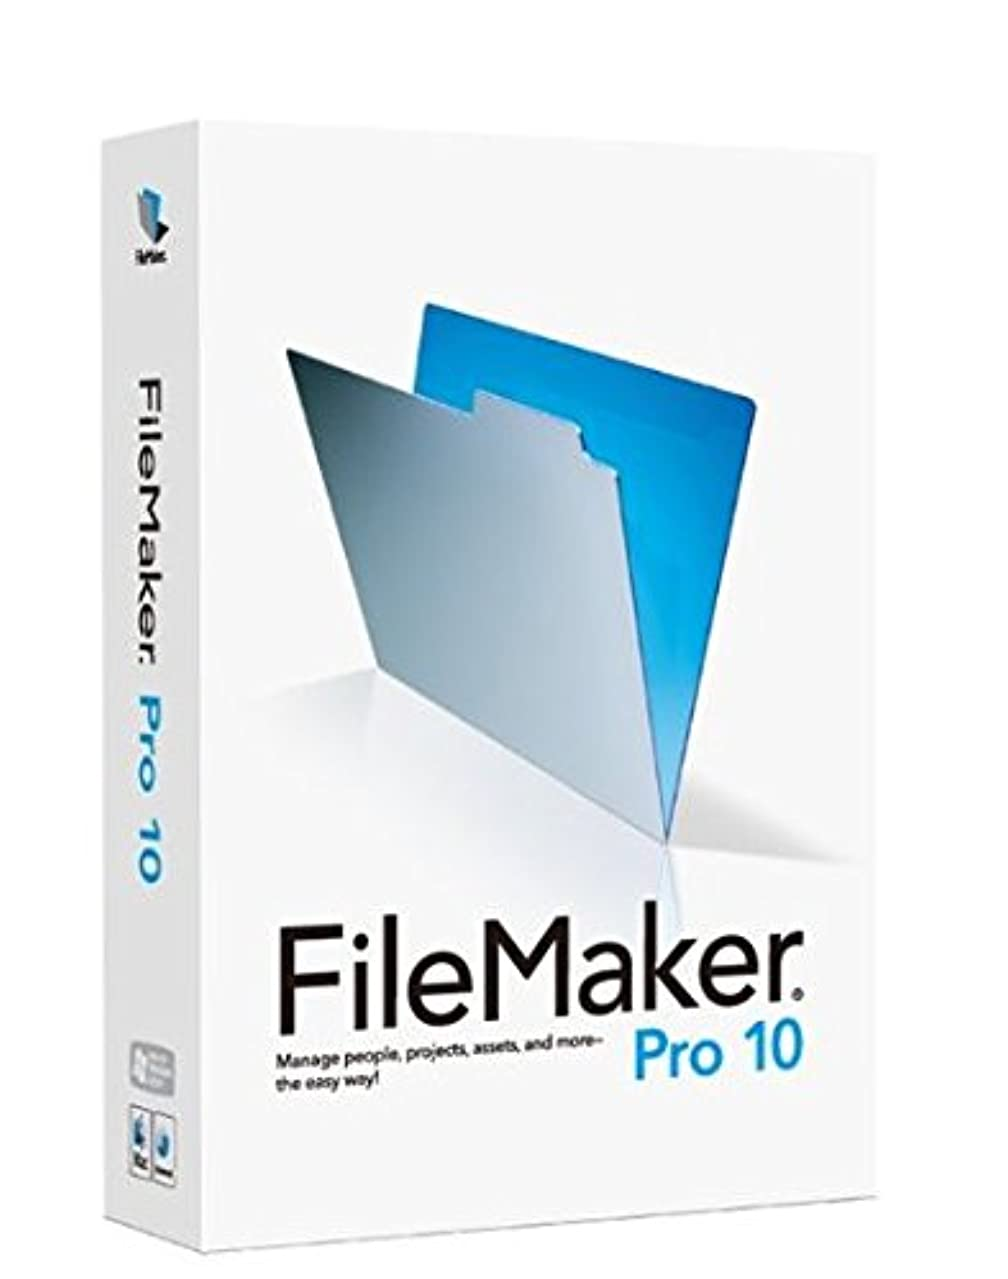 競う生き返らせる学校FileMaker Pro 10 Advanced アップグレード 日本語対応